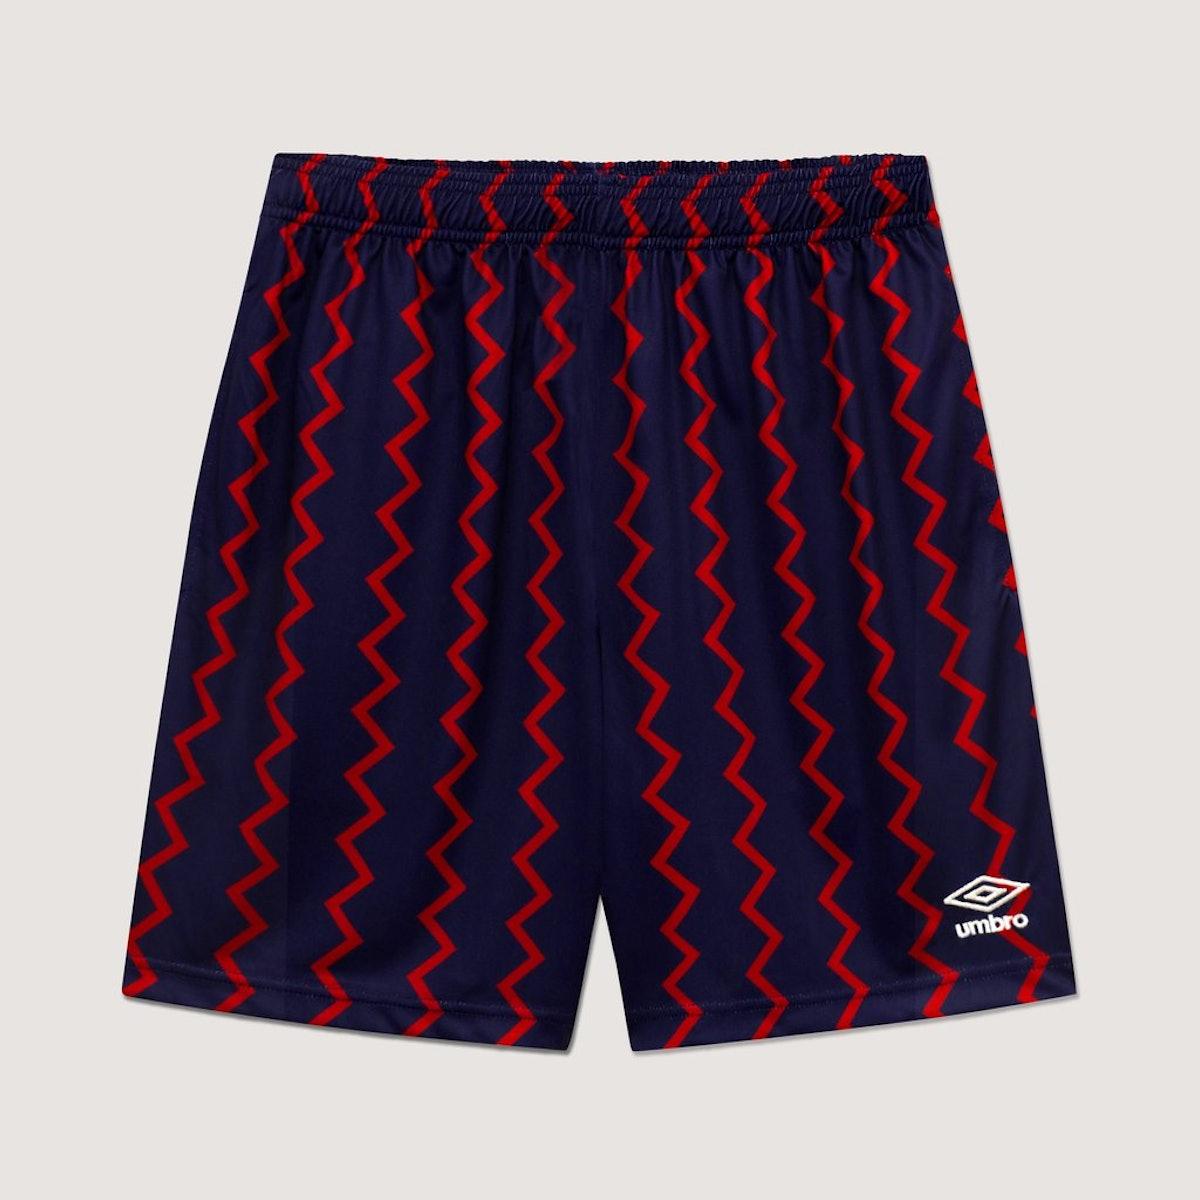 Rowing Blazers x Umbro Zig-Zag Shorts